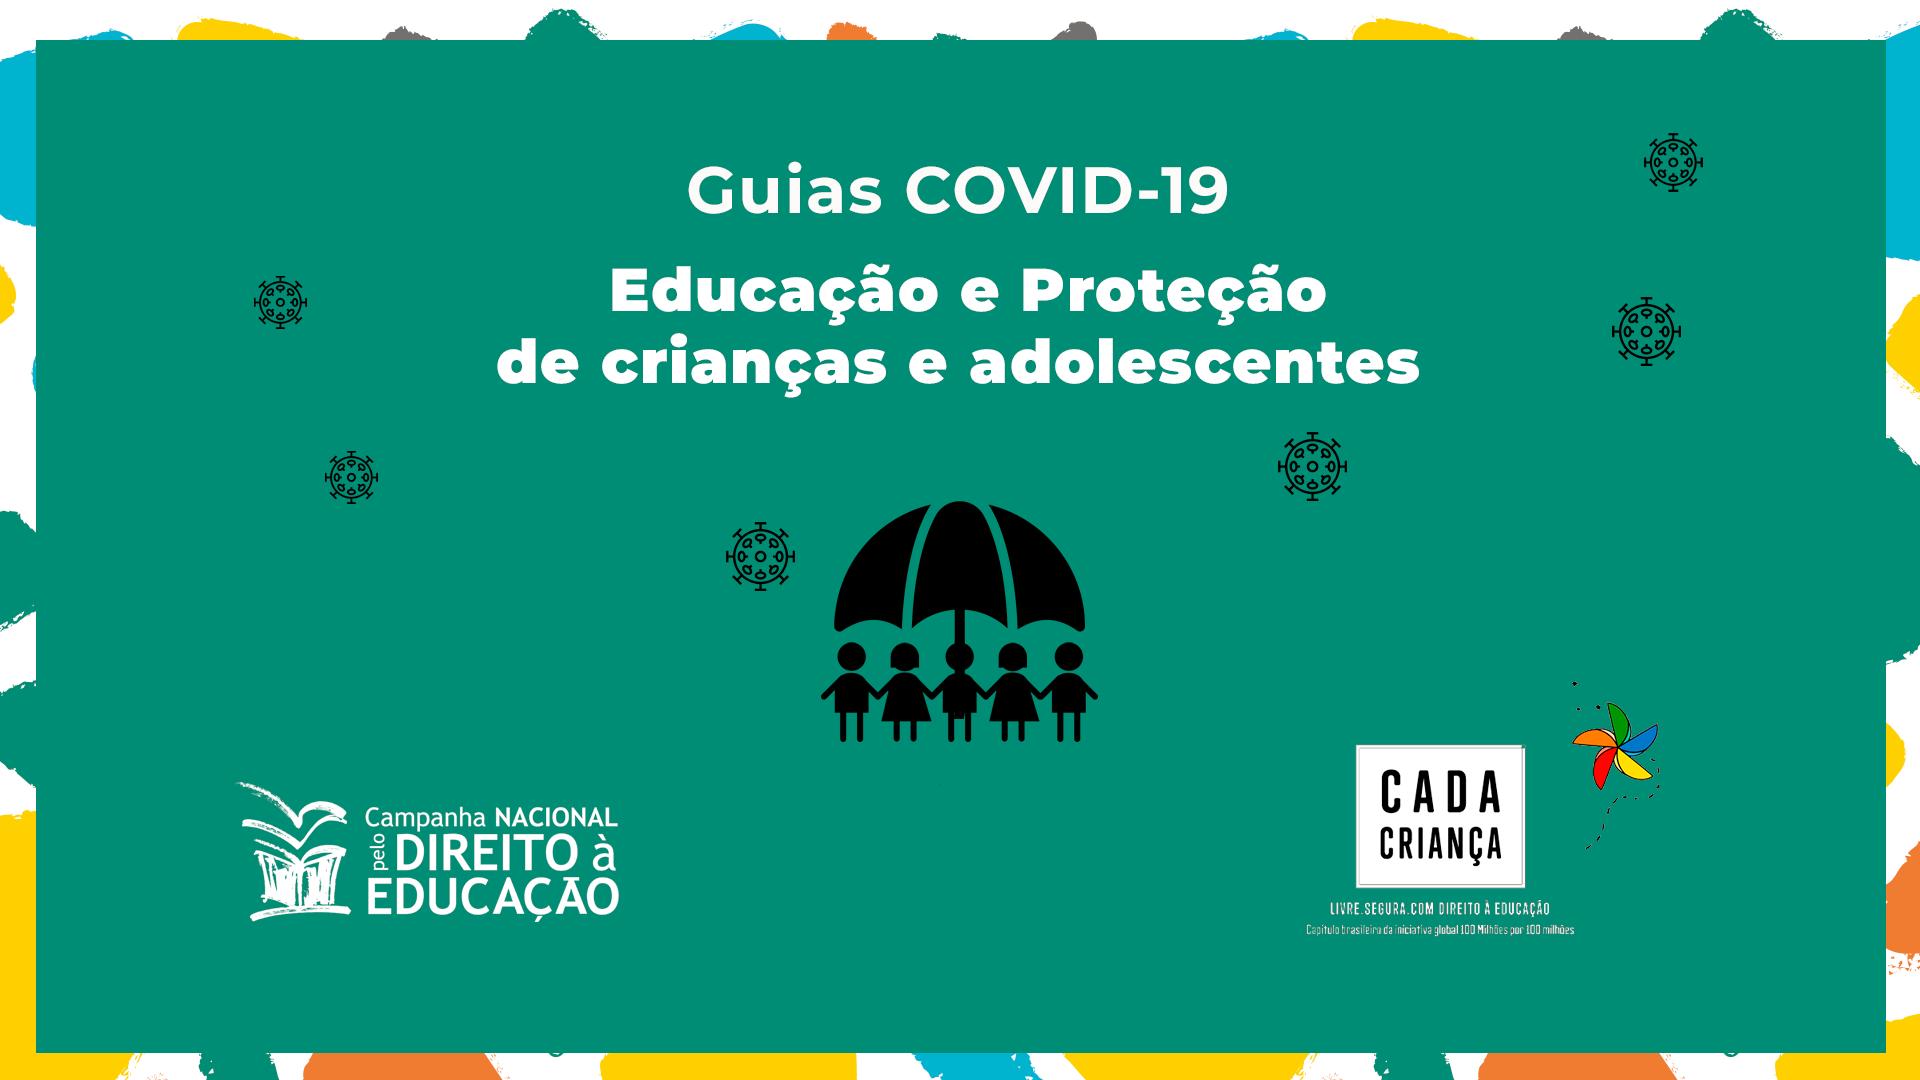 Covid-19: Quais medidas devem ser tomadas pela proteção e educação das crianças e adolescentes? Campanha lança dois guias de orientações